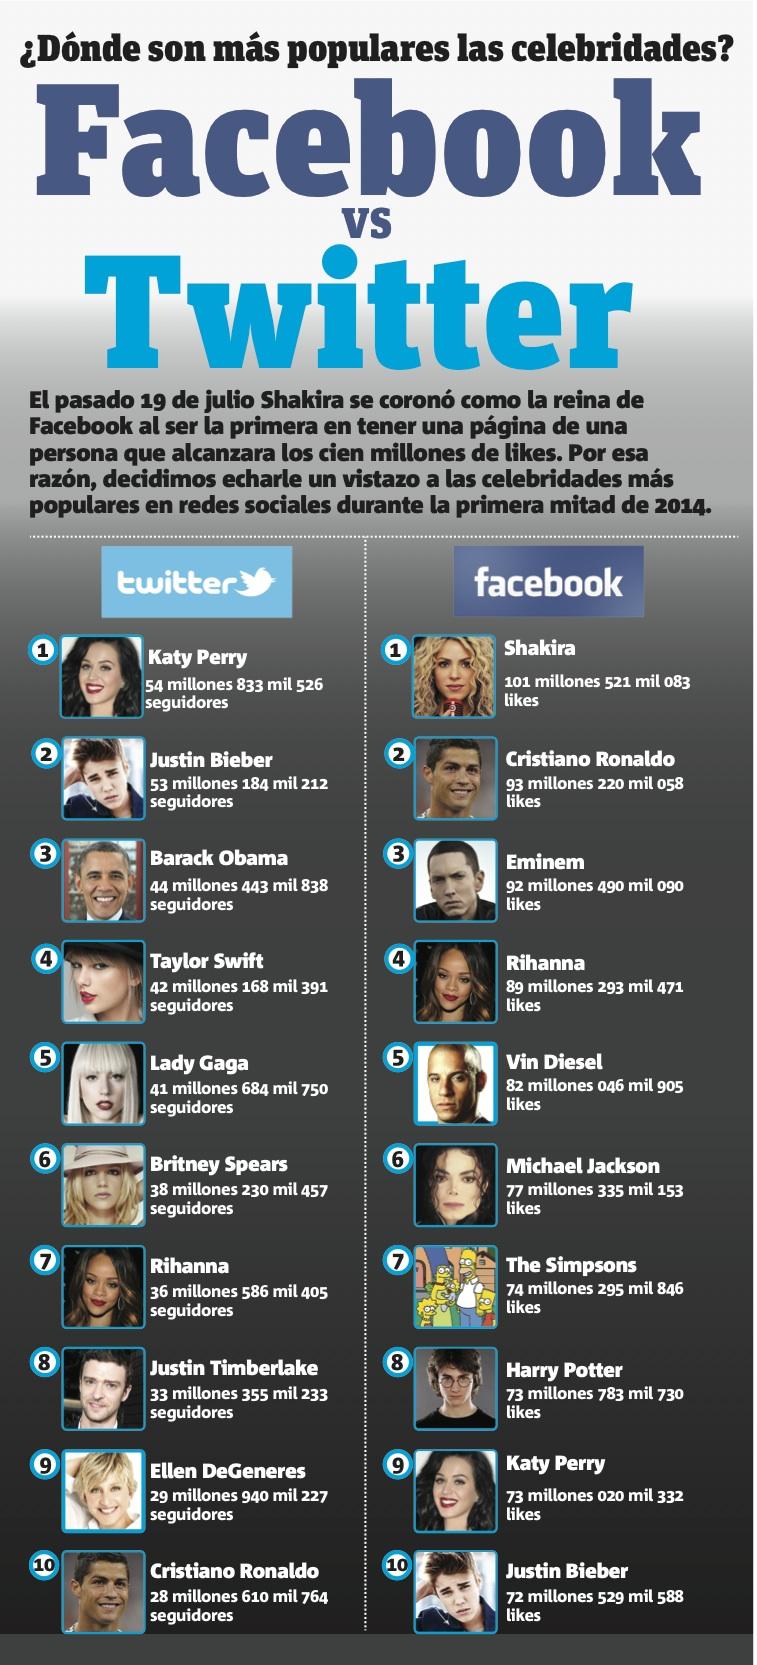 Los que más seguidores tienen en Twitter y FaceBook